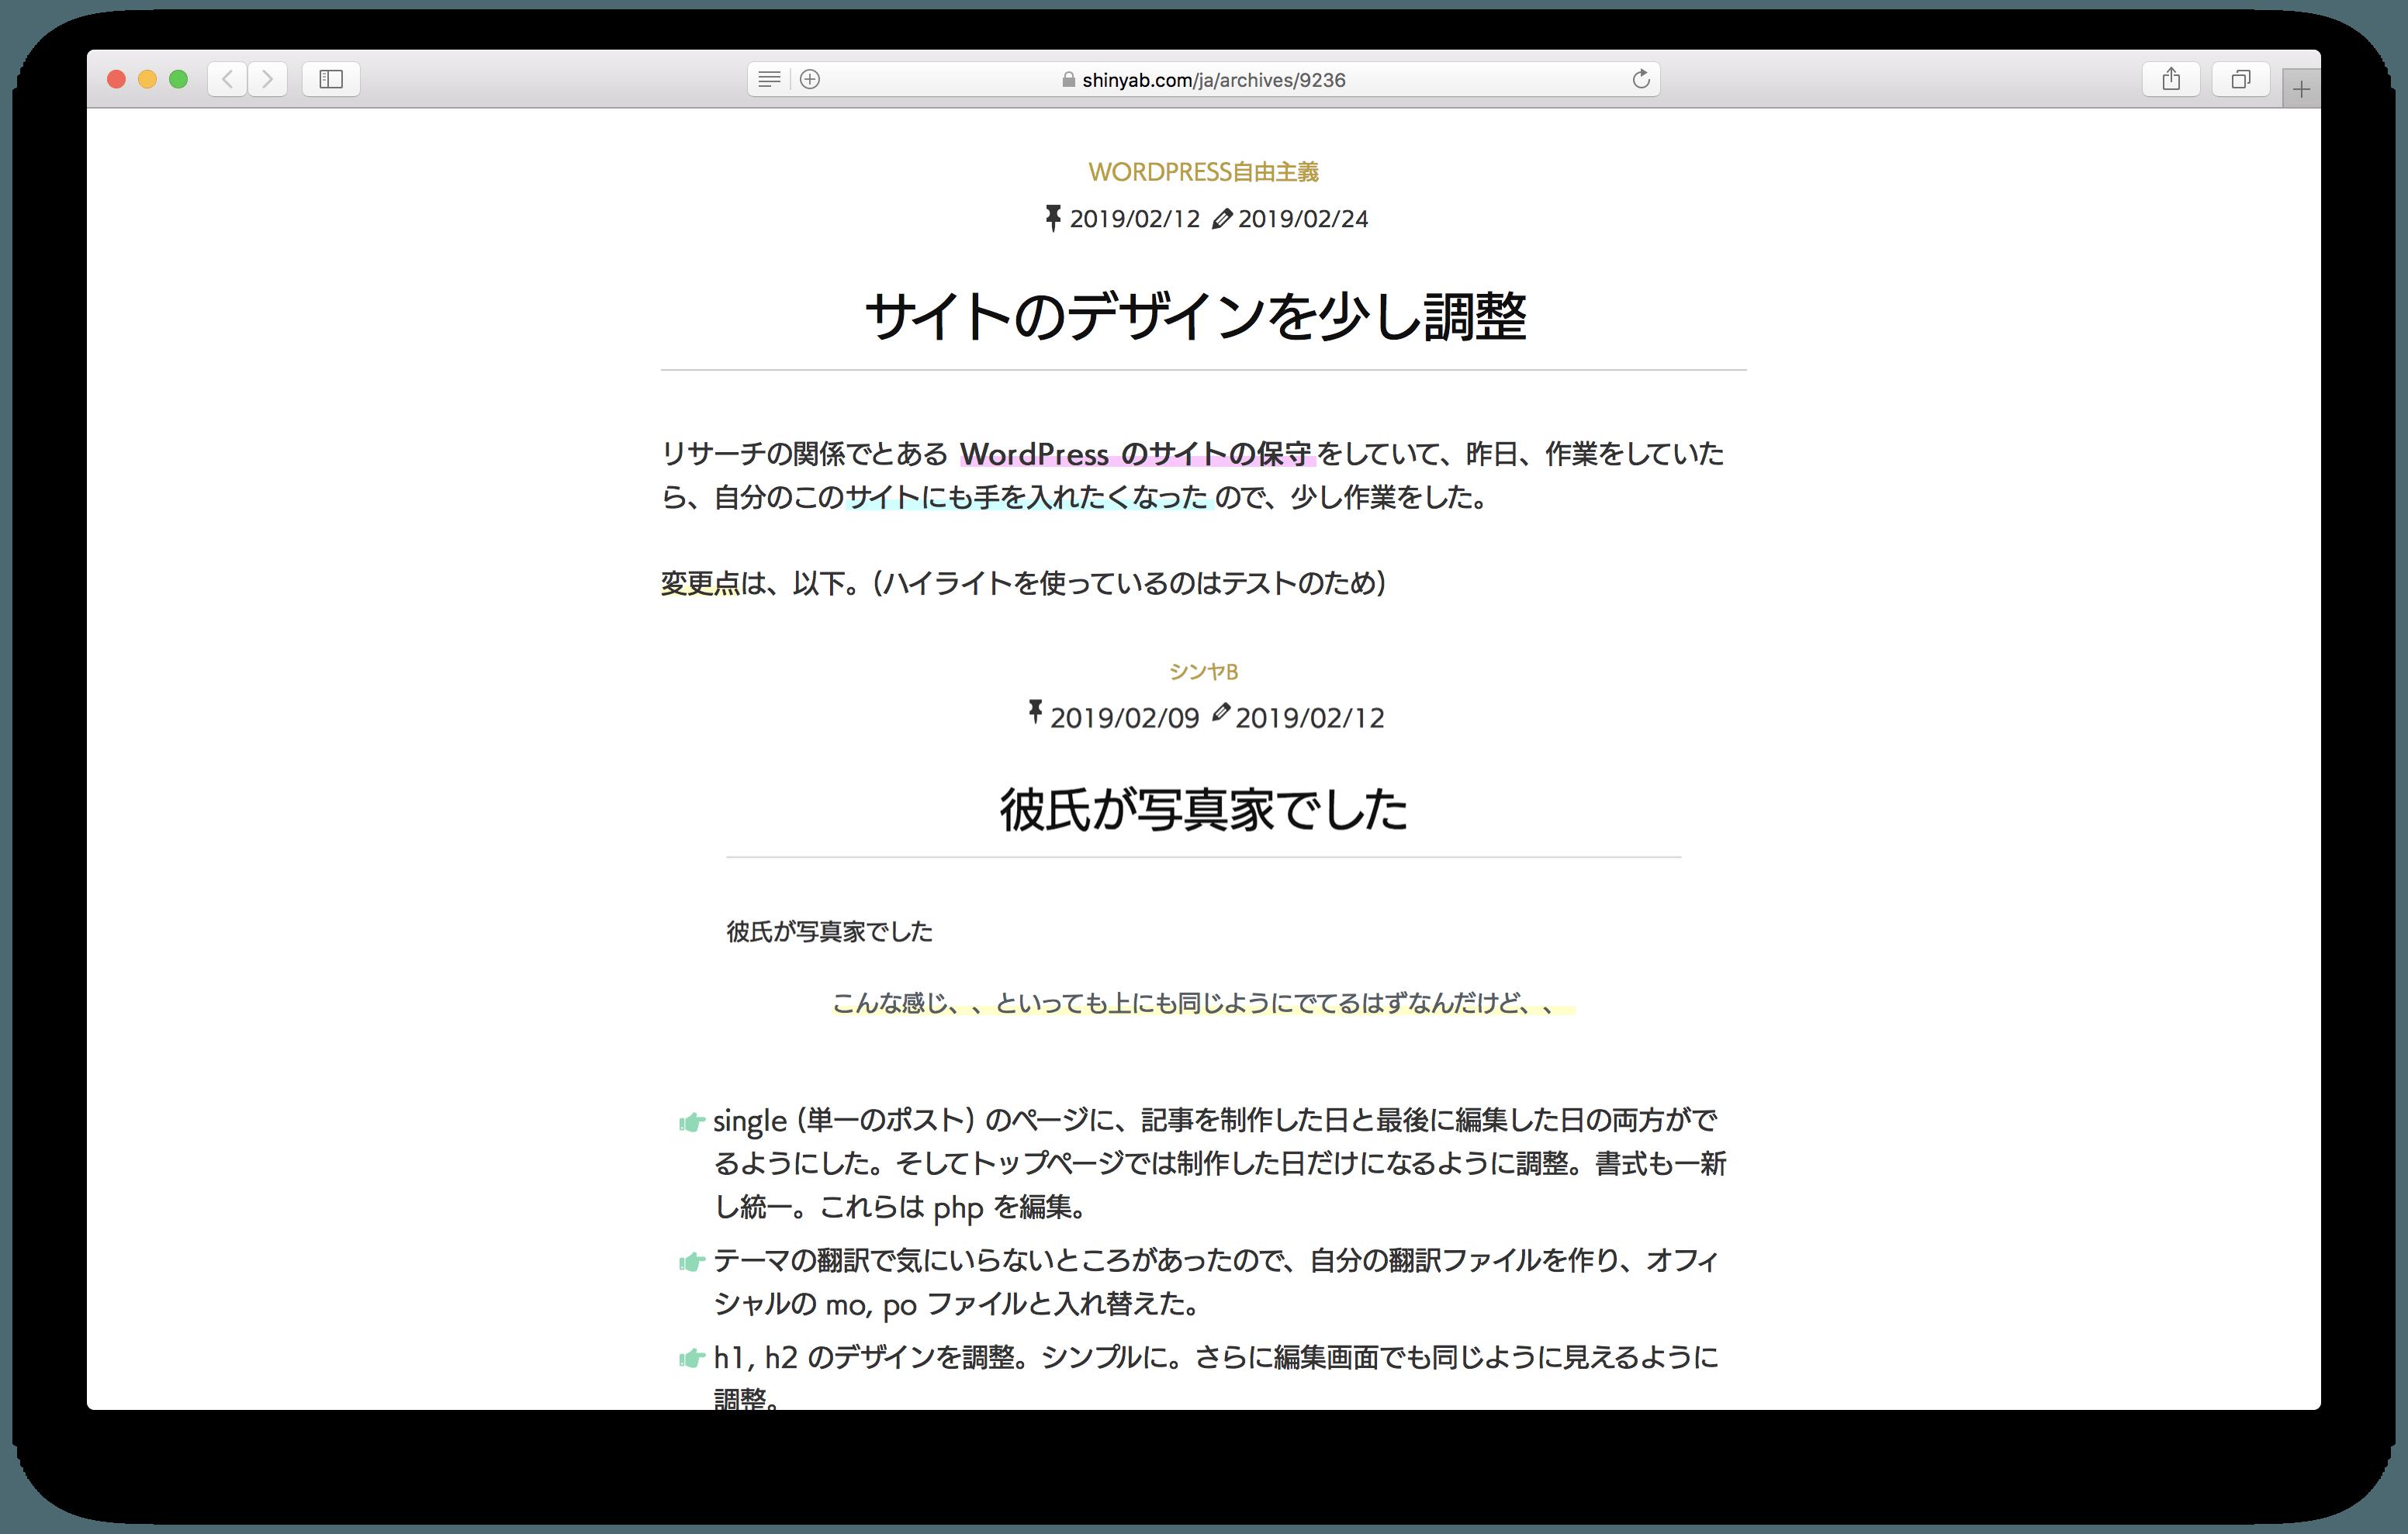 実際のウェブページでの表示のスクリーンキャプチャー。